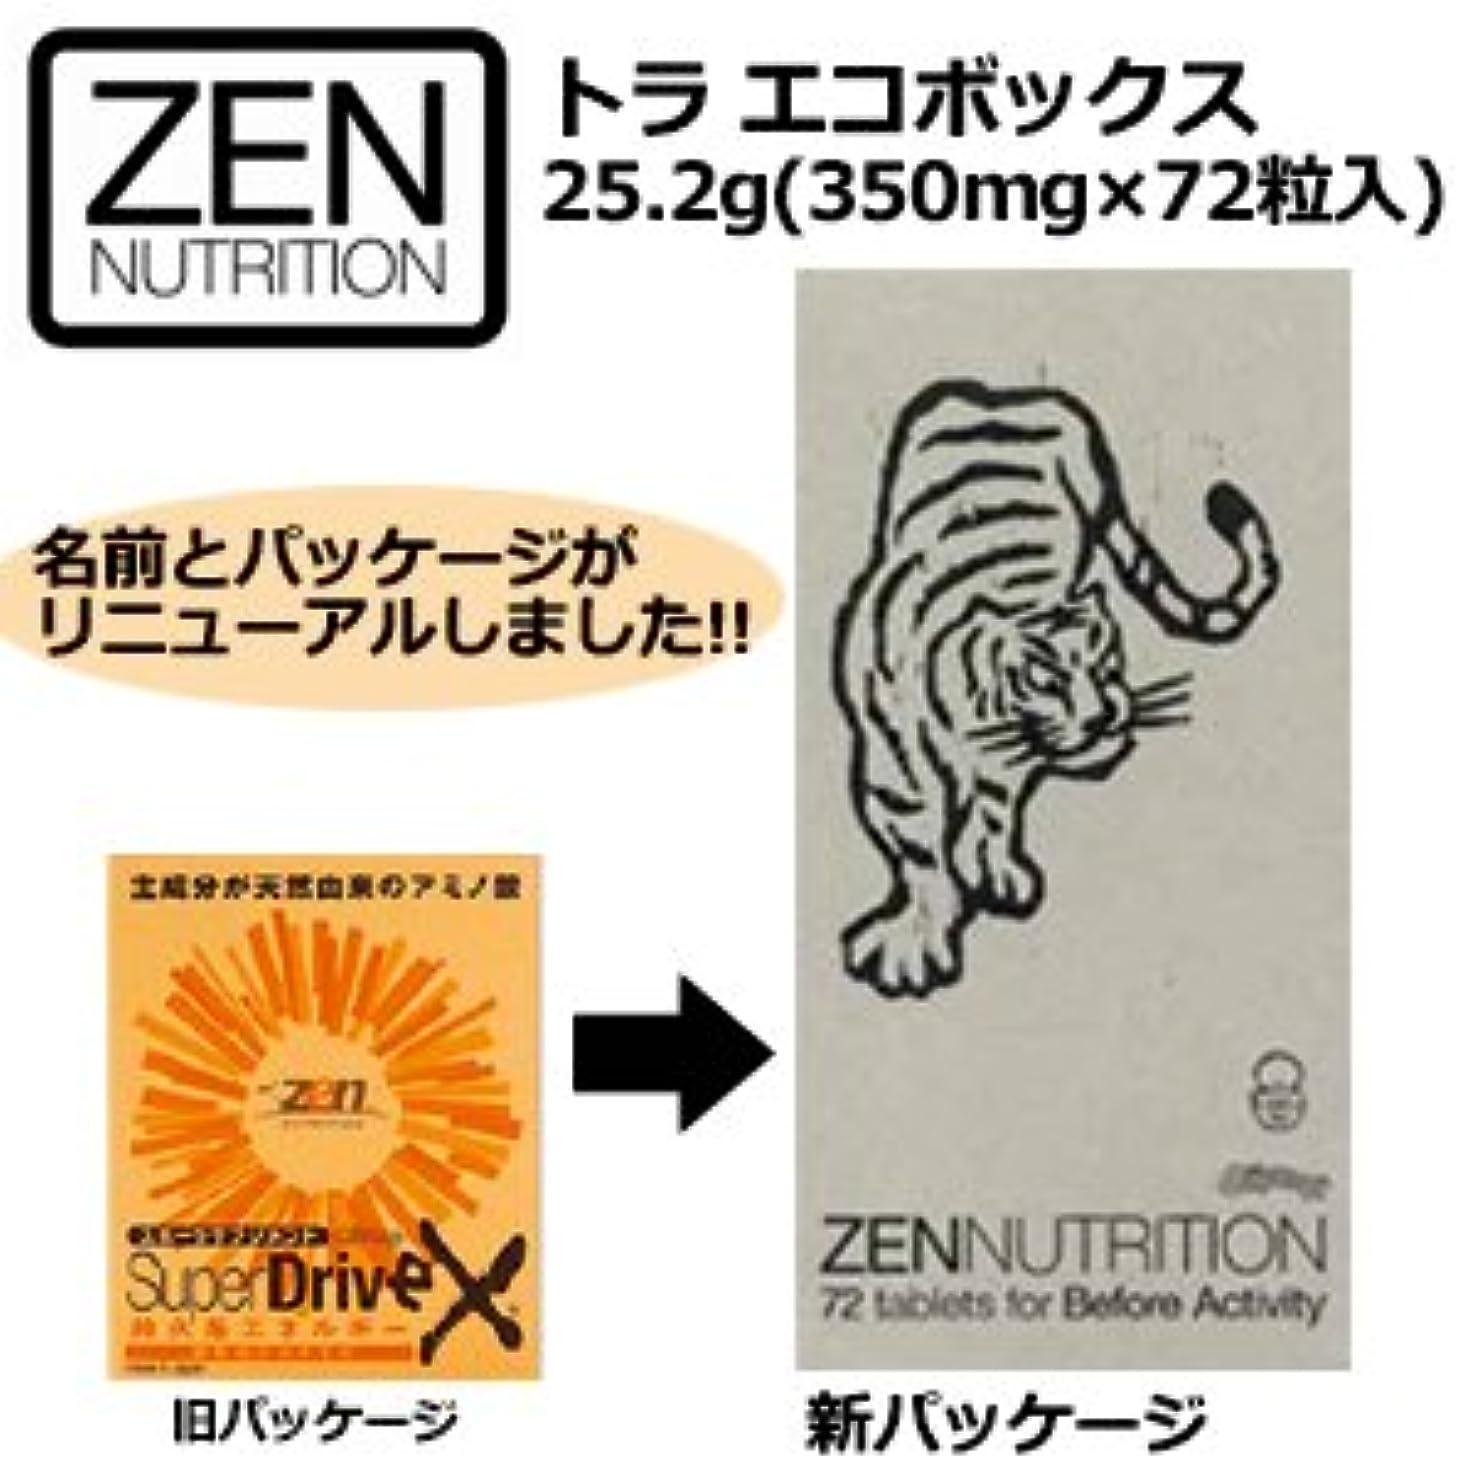 アソシエイト笑文芸ZEN ゼン SUPER DRIVE スーパードライブEX 虎 とら サプリメント アミノ酸●トラ エコボックス 25.2g